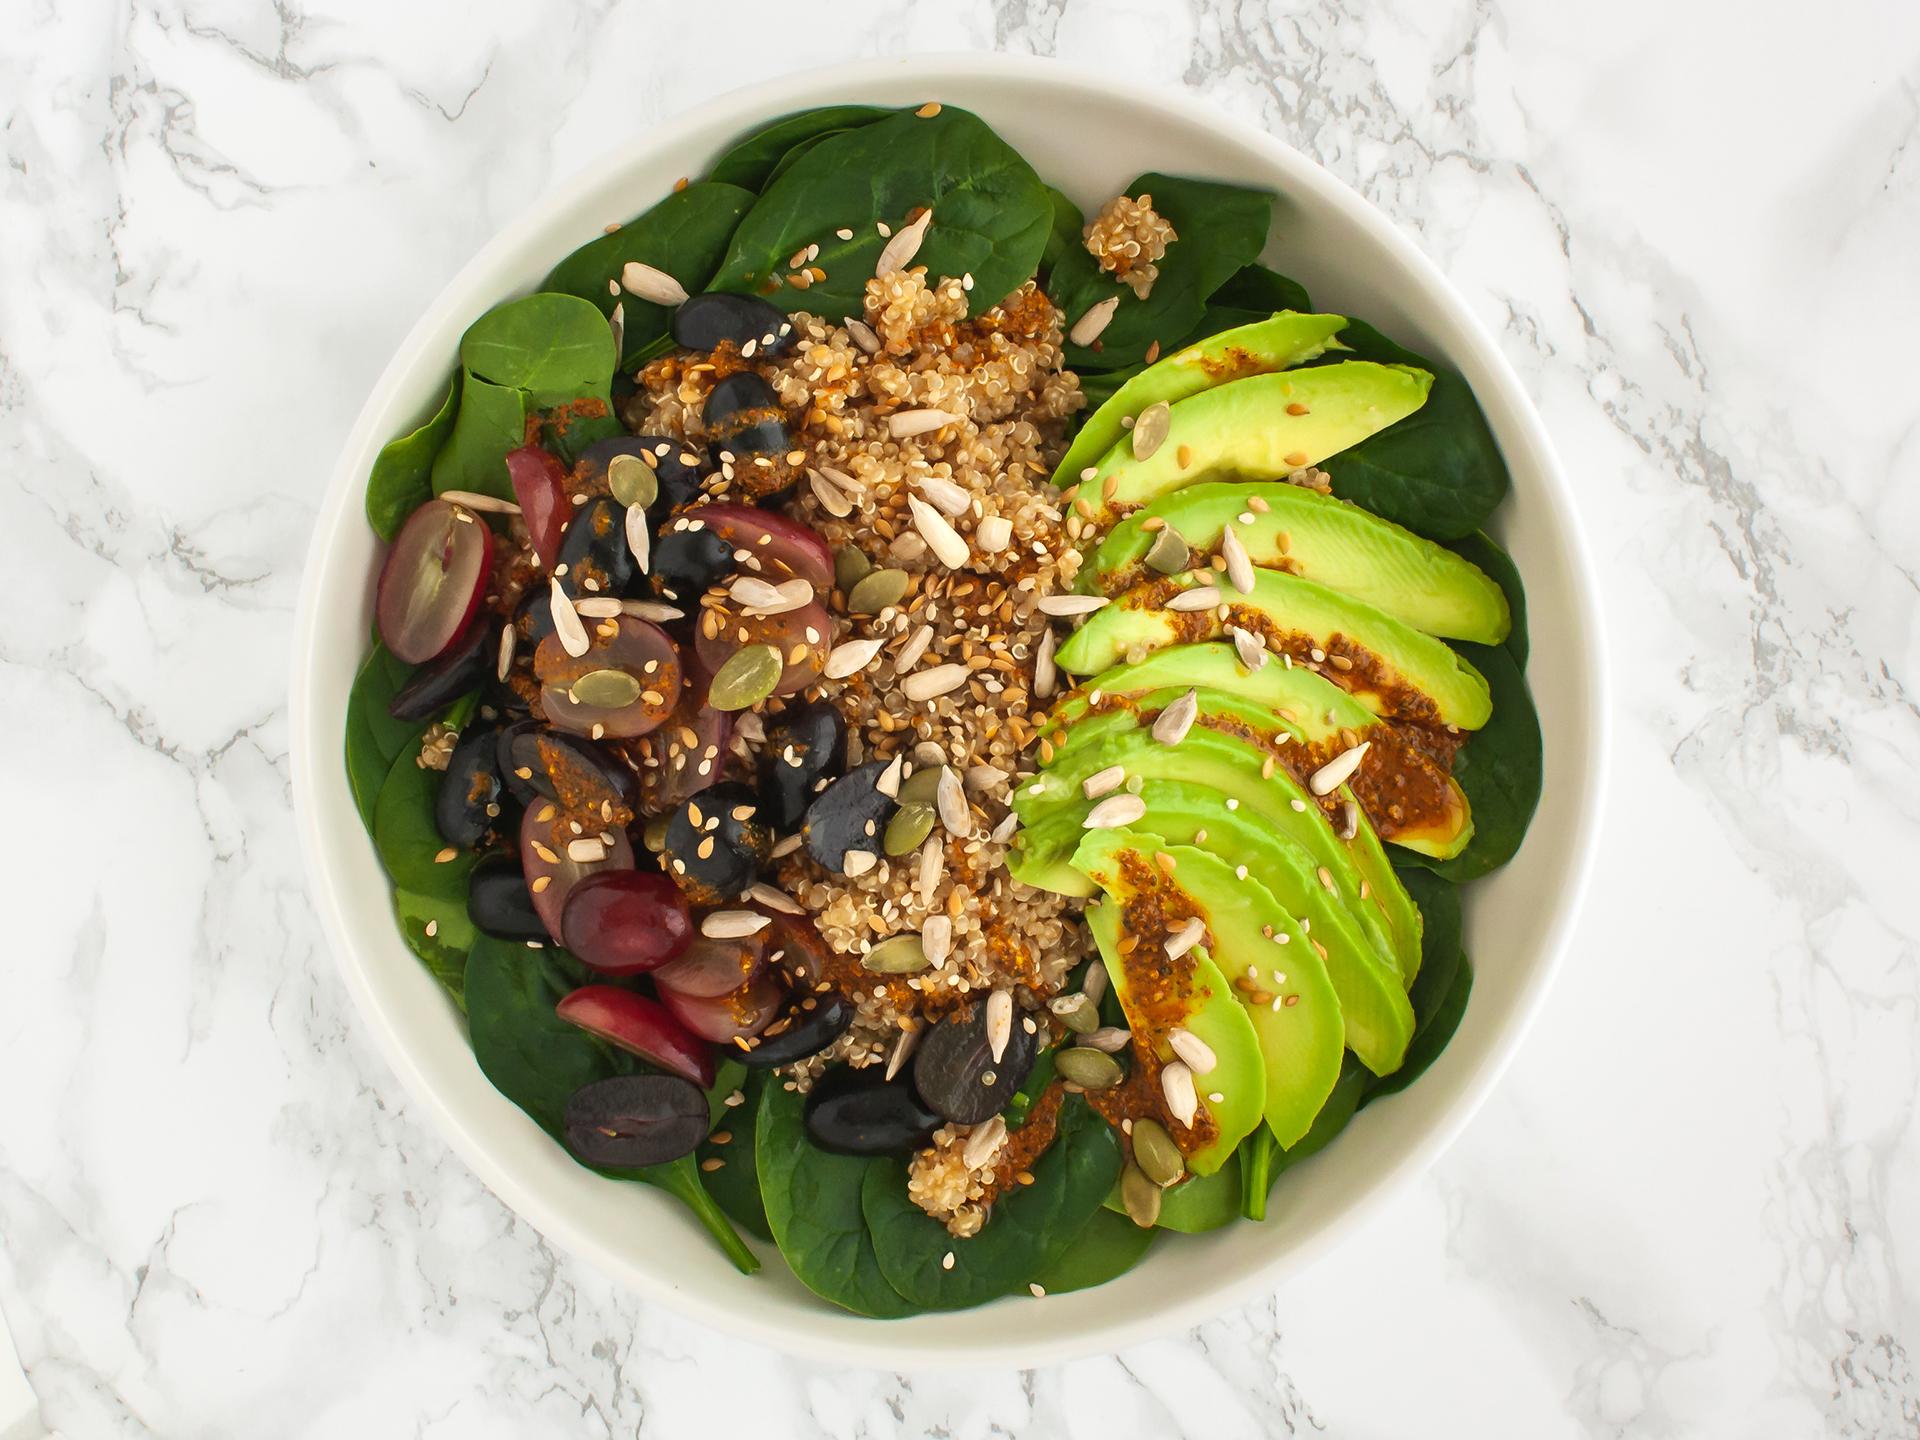 Step 3.1 of Quinoa Avocado Spinach Salad with Grapes